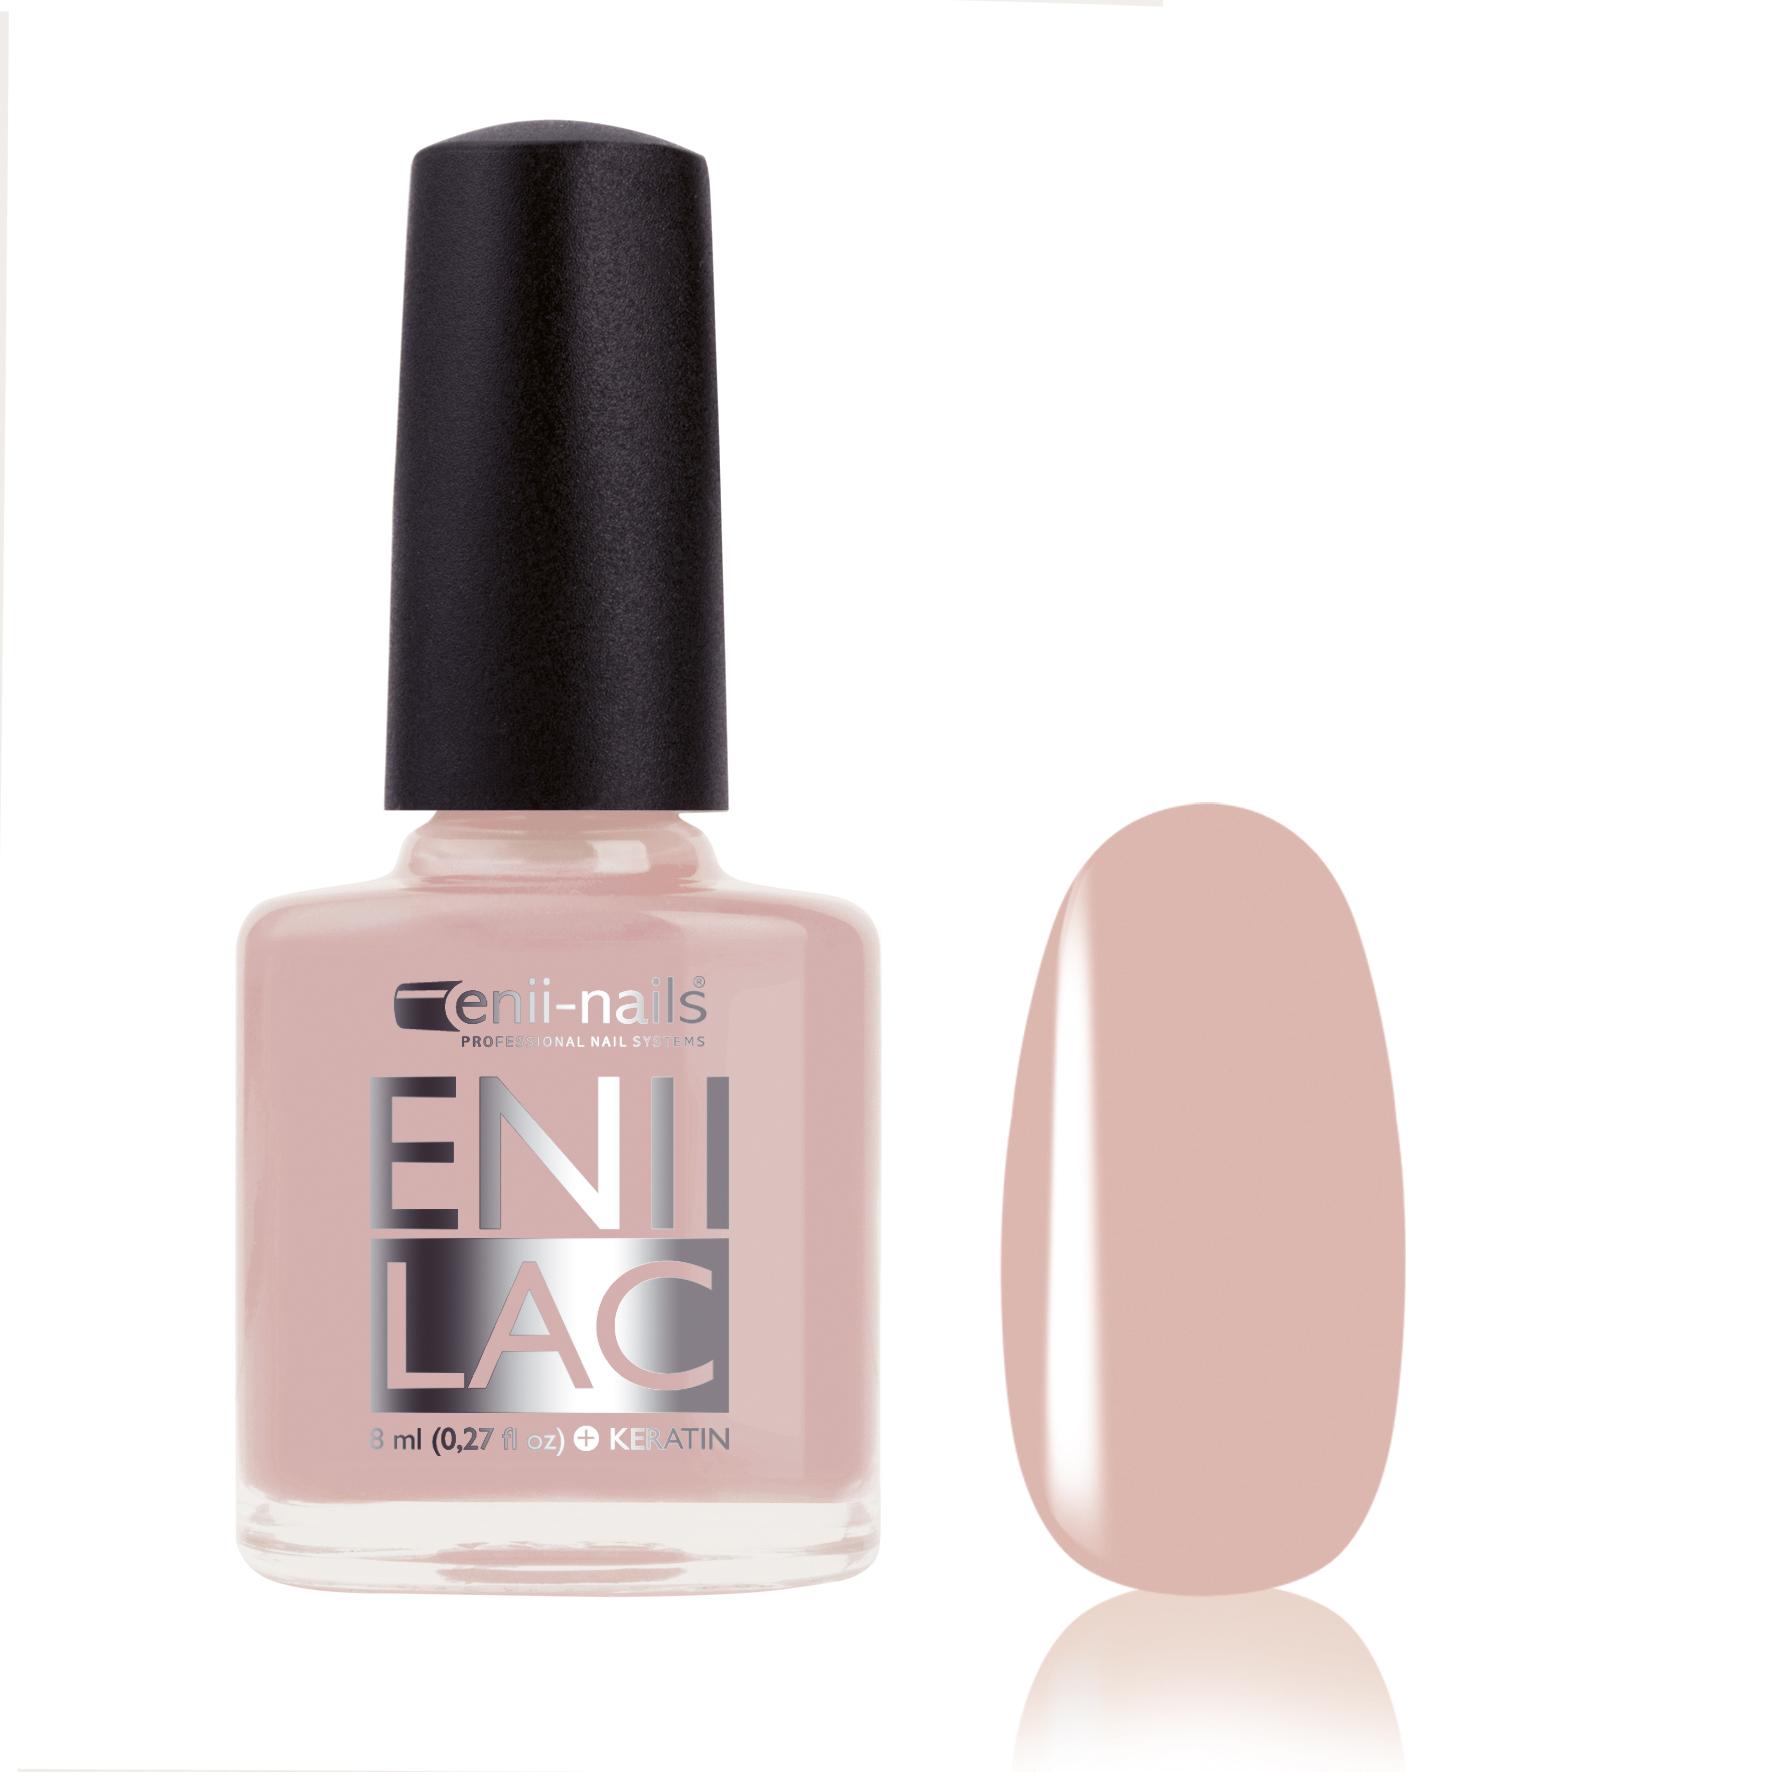 ENII-NAILS ENII LAC 8 ml - Sweet Peach